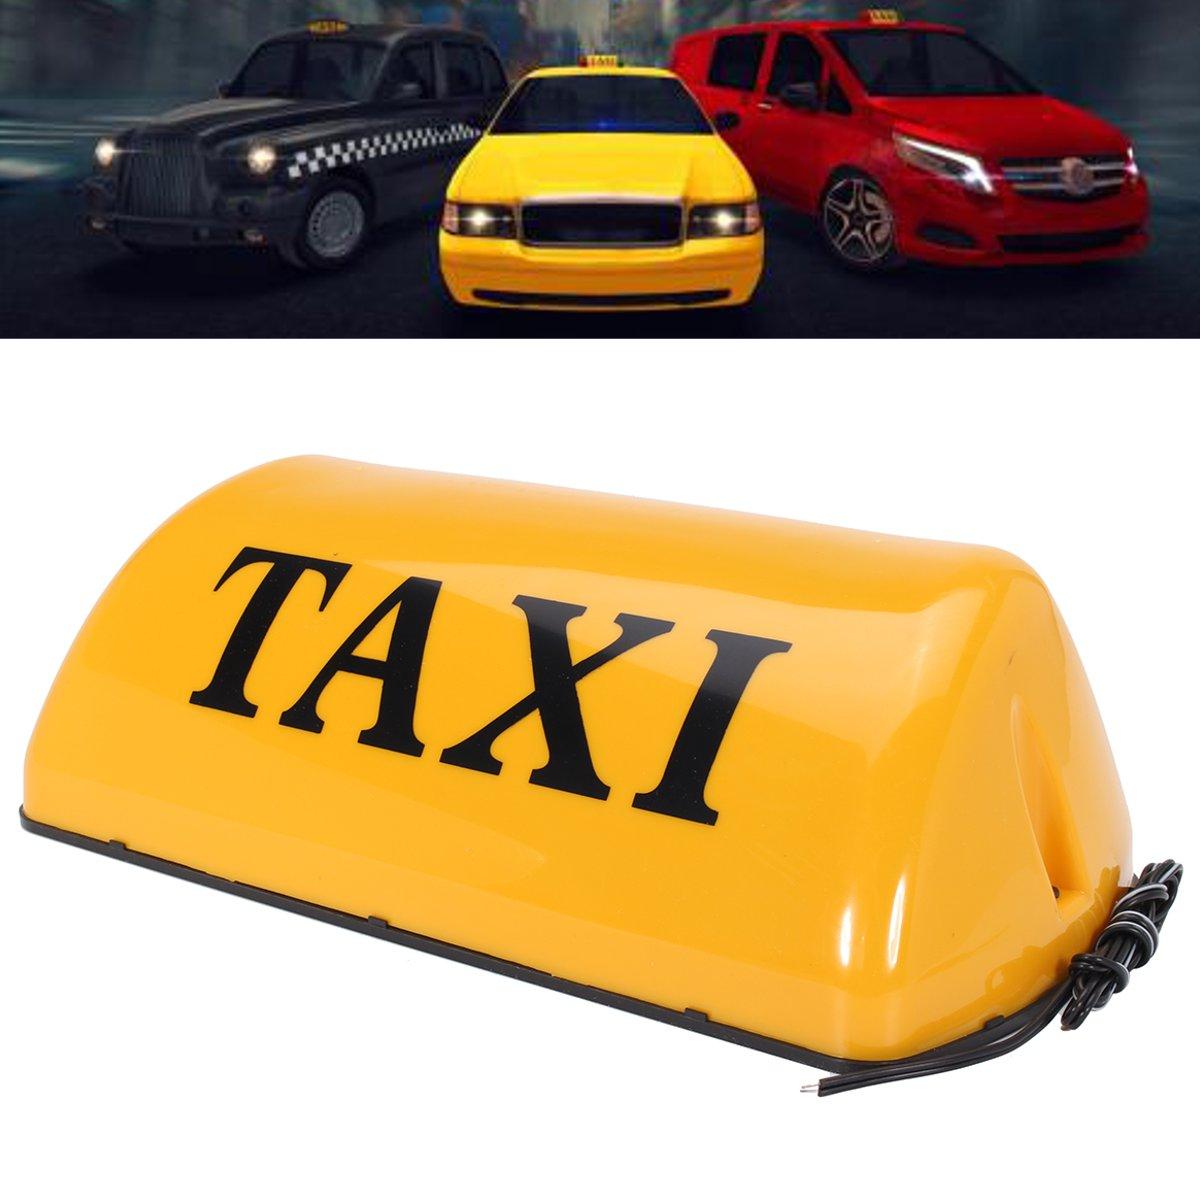 12 V i Sinal Top Luz LED Táxi Sinal Placa Topper eu Sinal Do Telhado Luzes do Carro Da Lâmpada Telhado